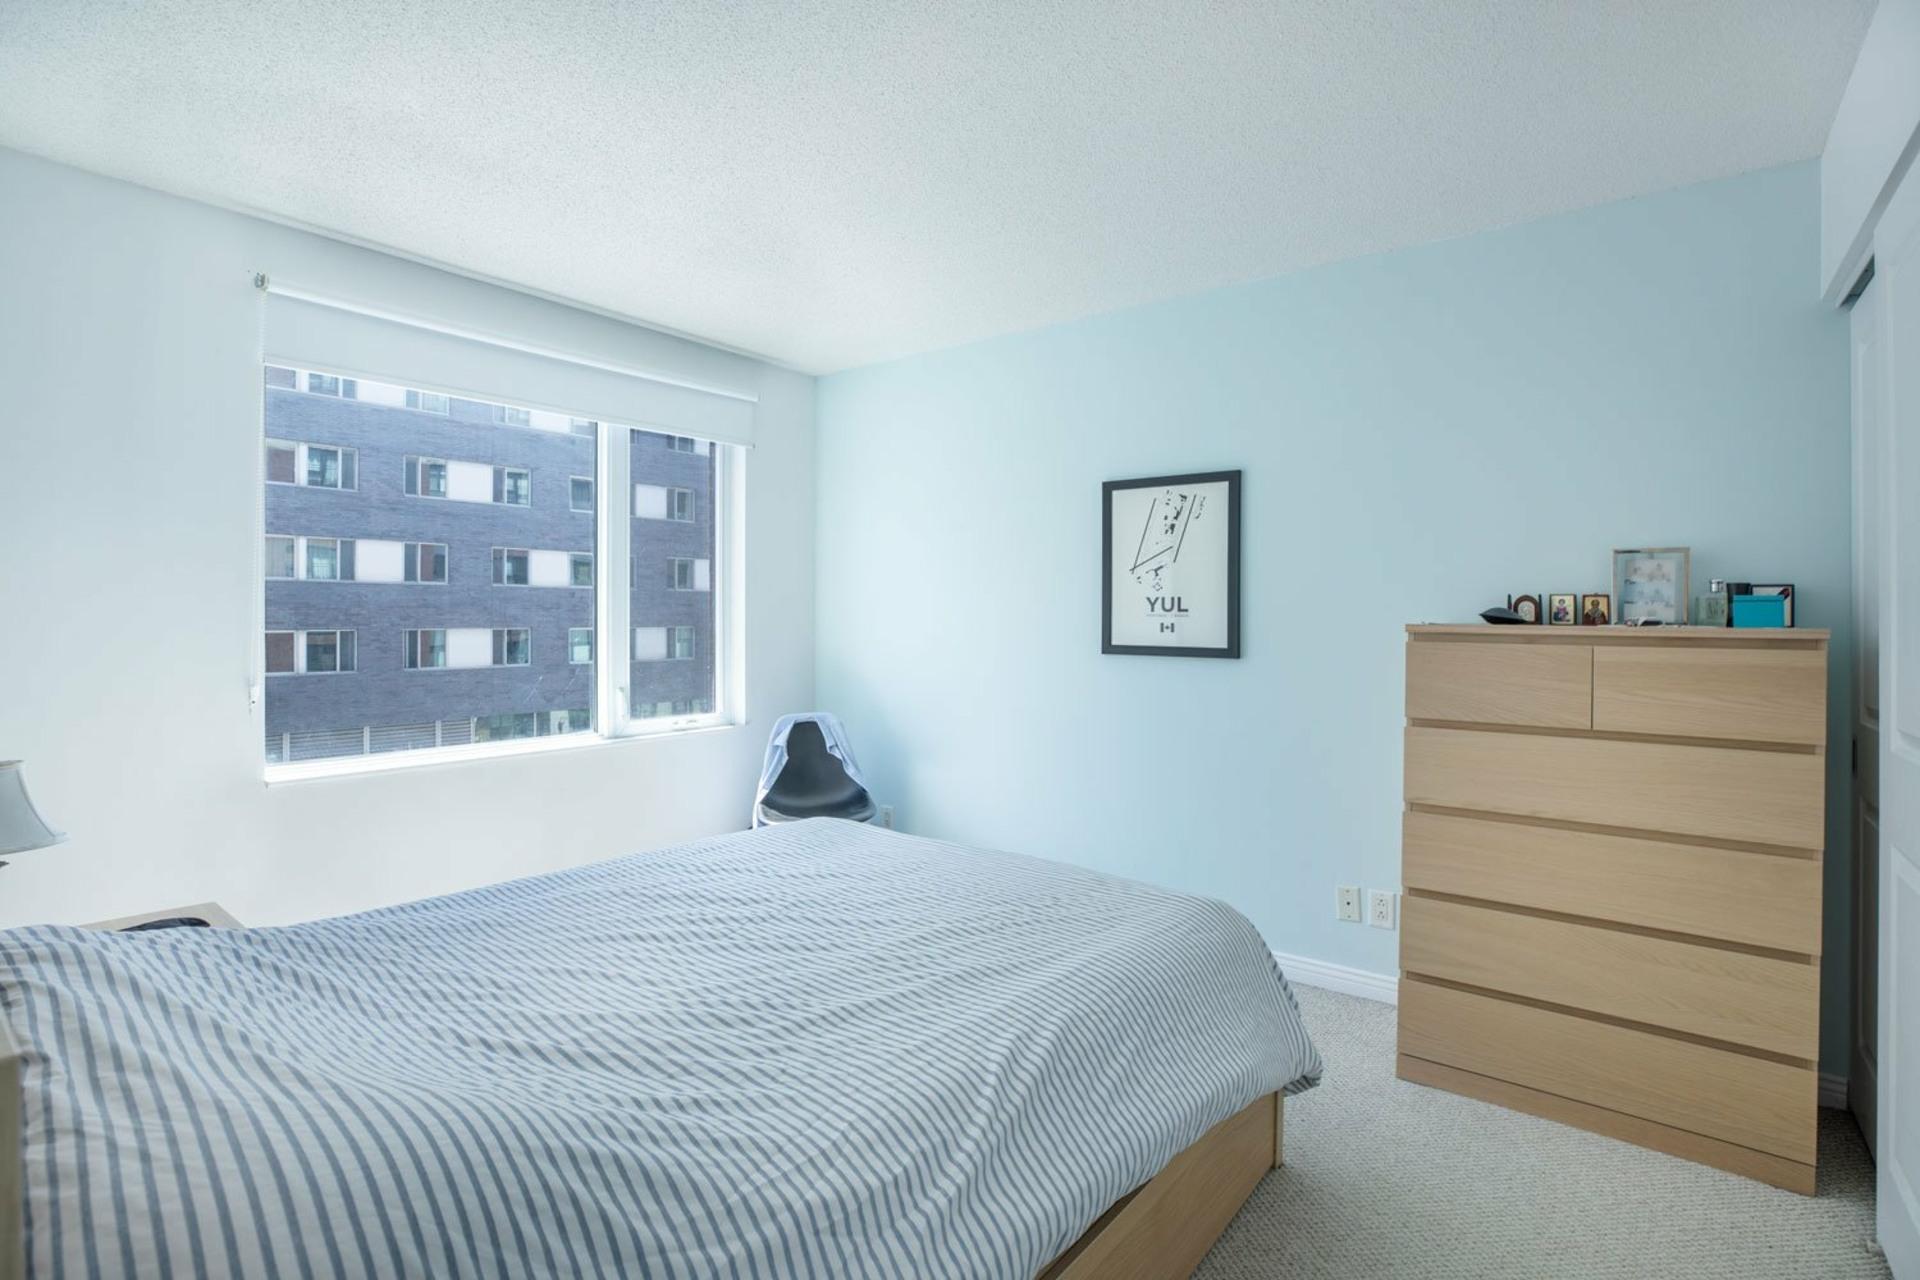 image 6 - Appartement À vendre Ville-Marie Montréal  - 4 pièces